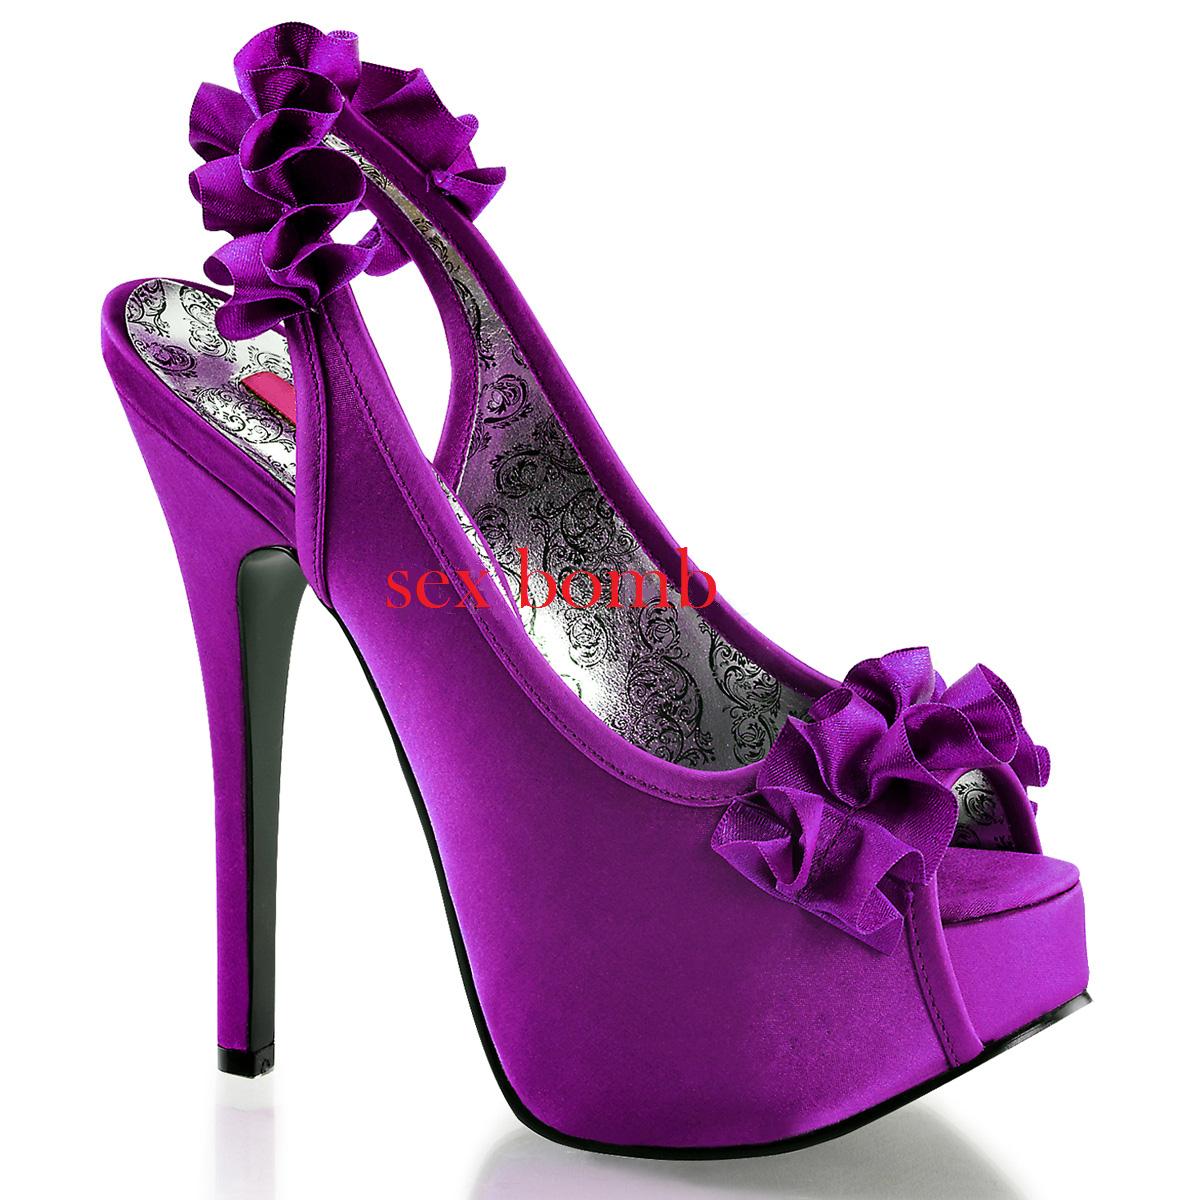 SEXY decoltè tacco 14,5 plateau INVISIBILE dal 36 al 42 purple shoes GLAMOUR